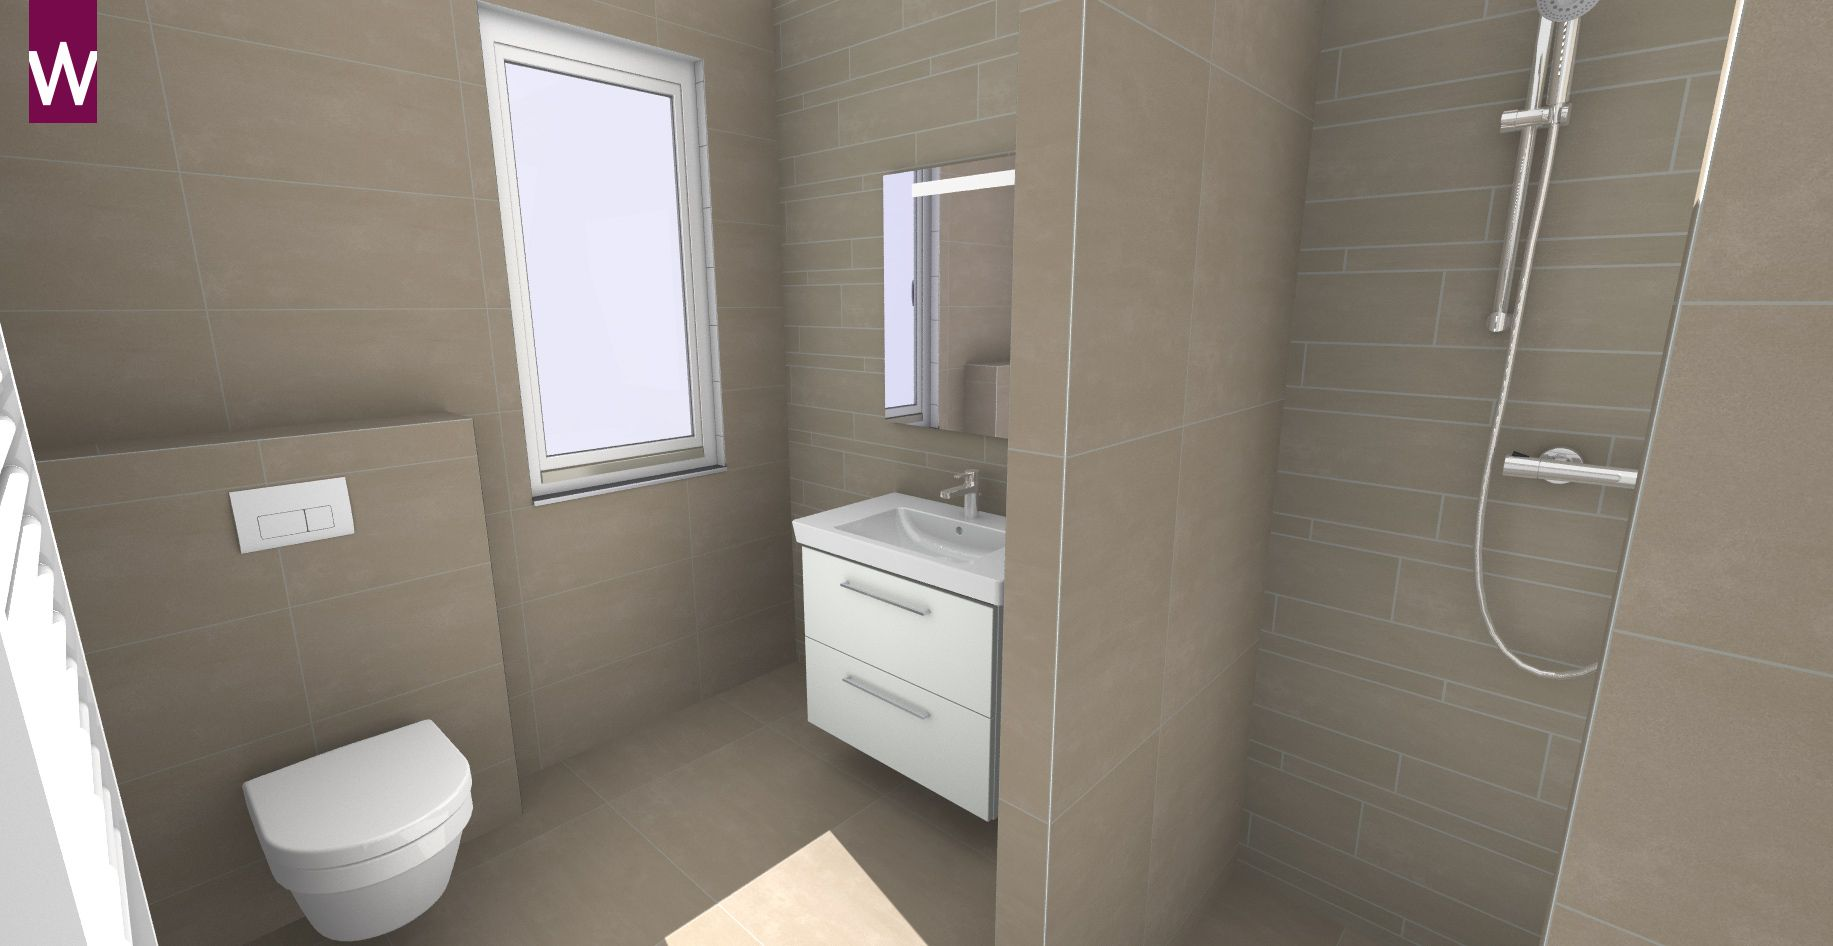 Badkamer ontwerpen 3d badkamer ontwerpen badkamer for Badkamer zelf ontwerpen